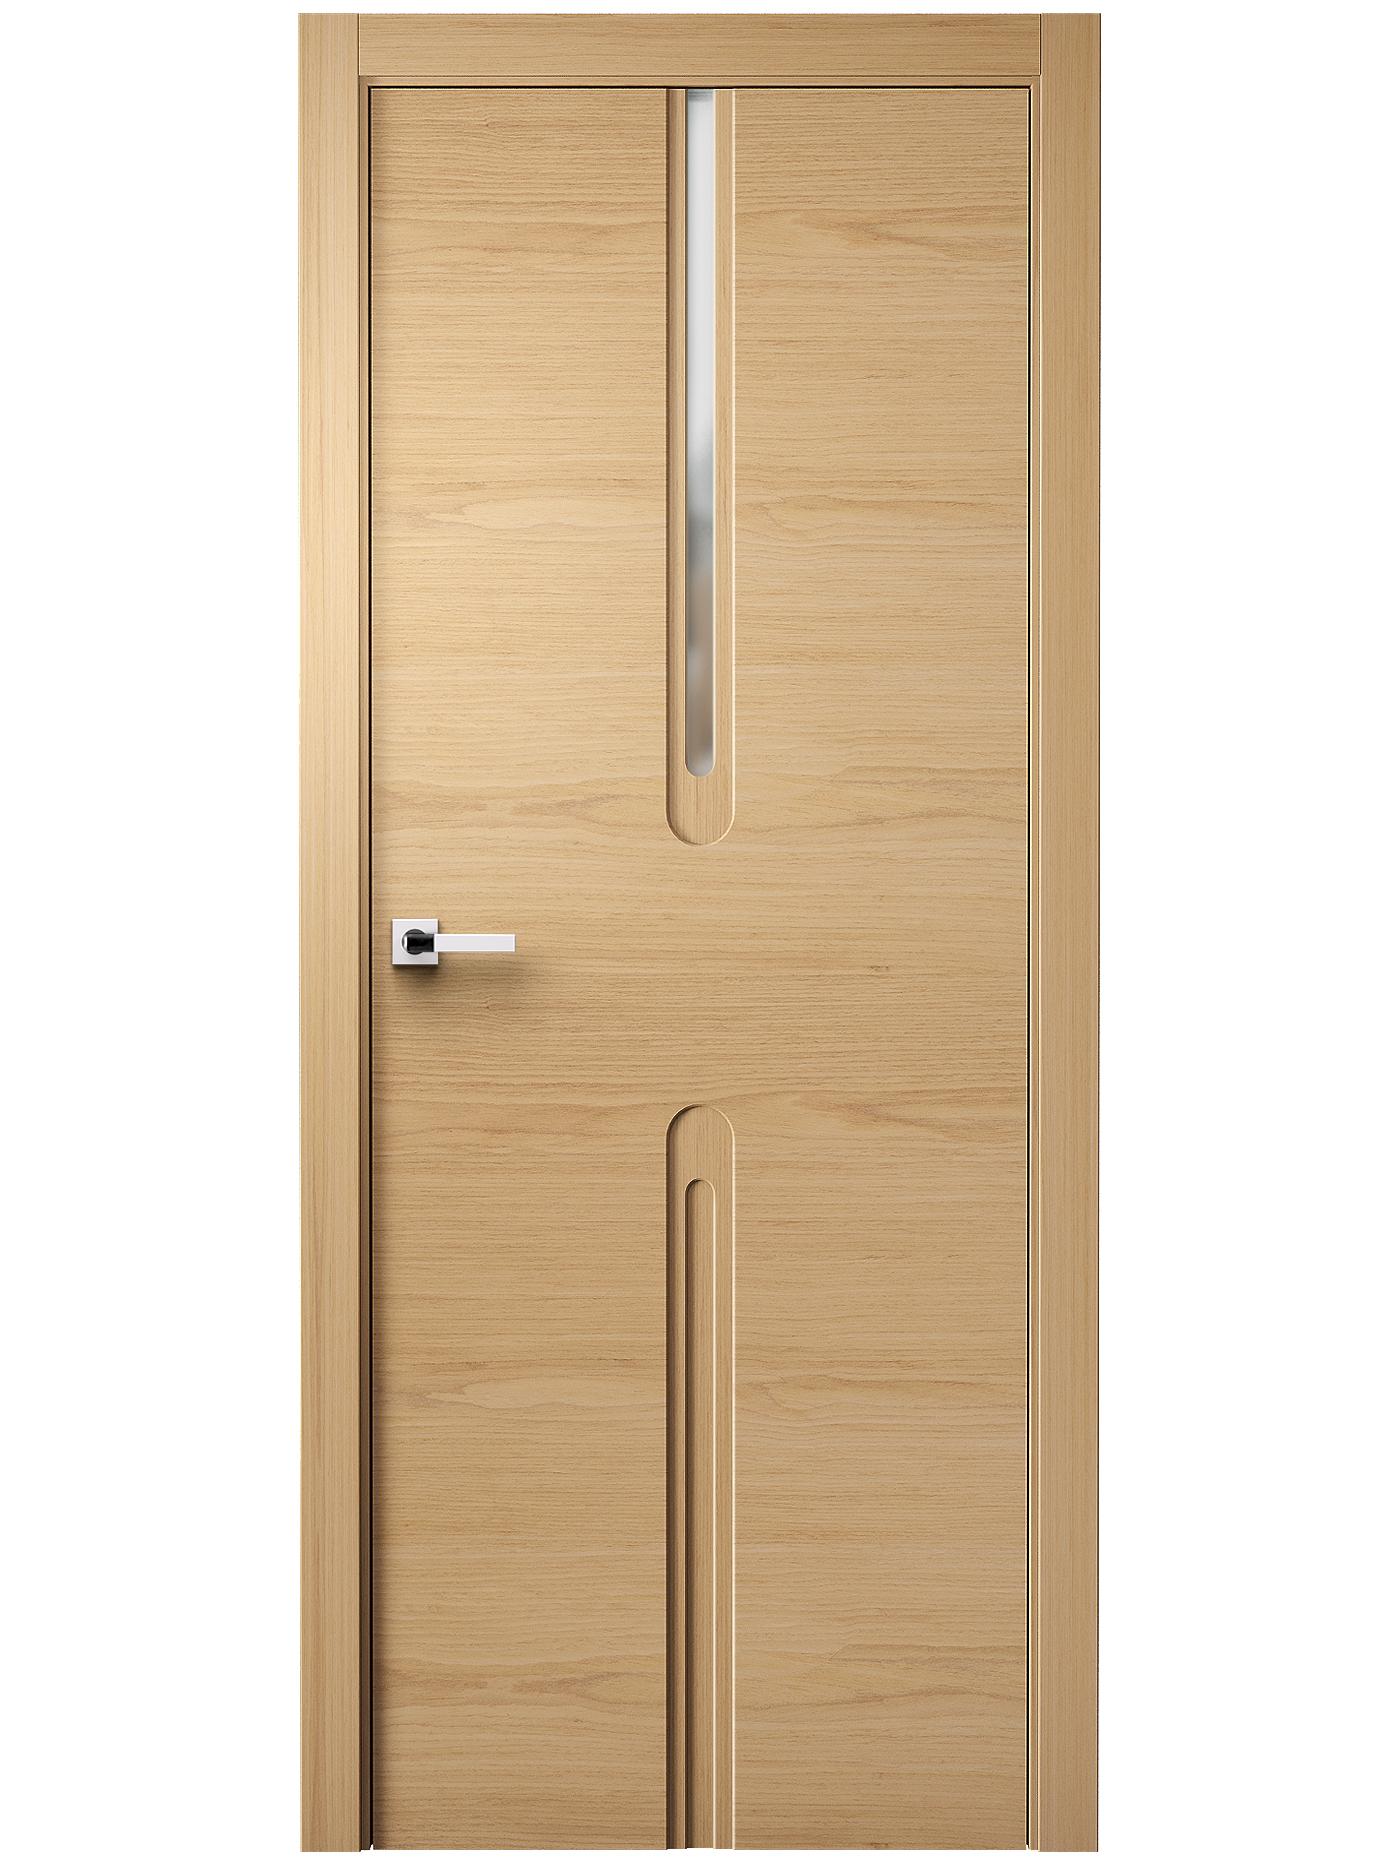 Image Invidia Interior Door Italian Enamel 2